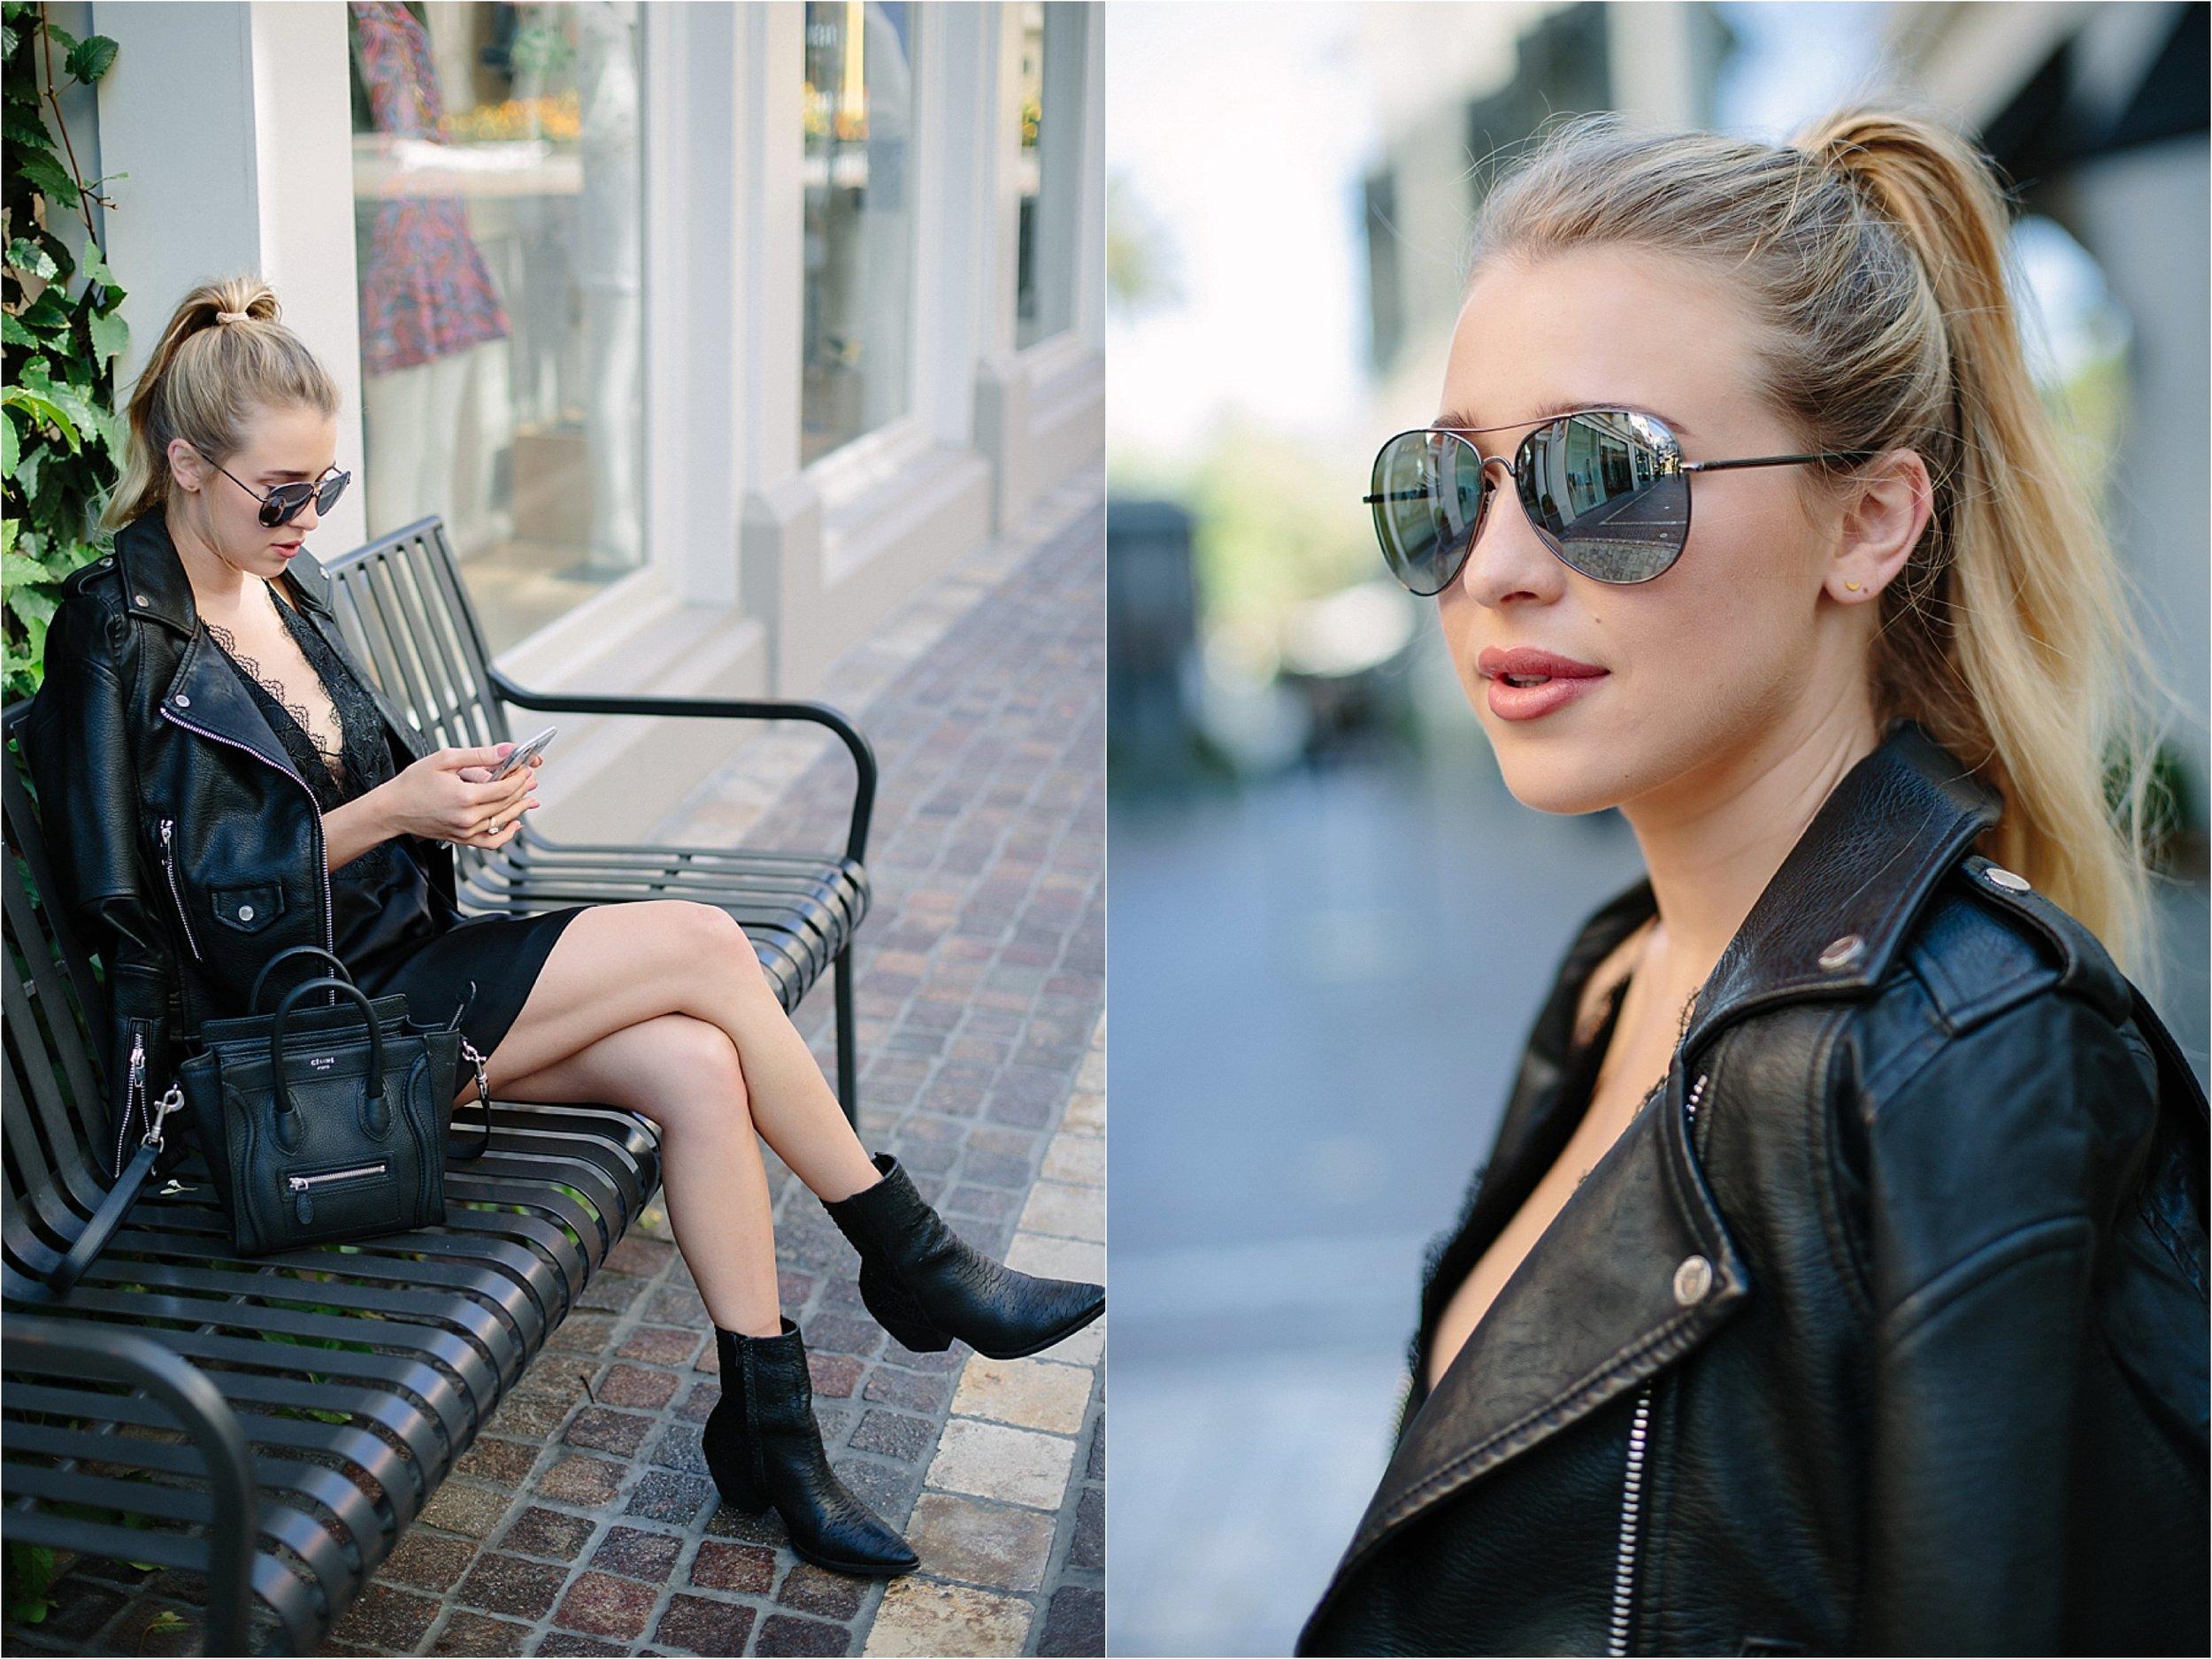 Los Angeles Fashion - Sunglasses Detail Photo